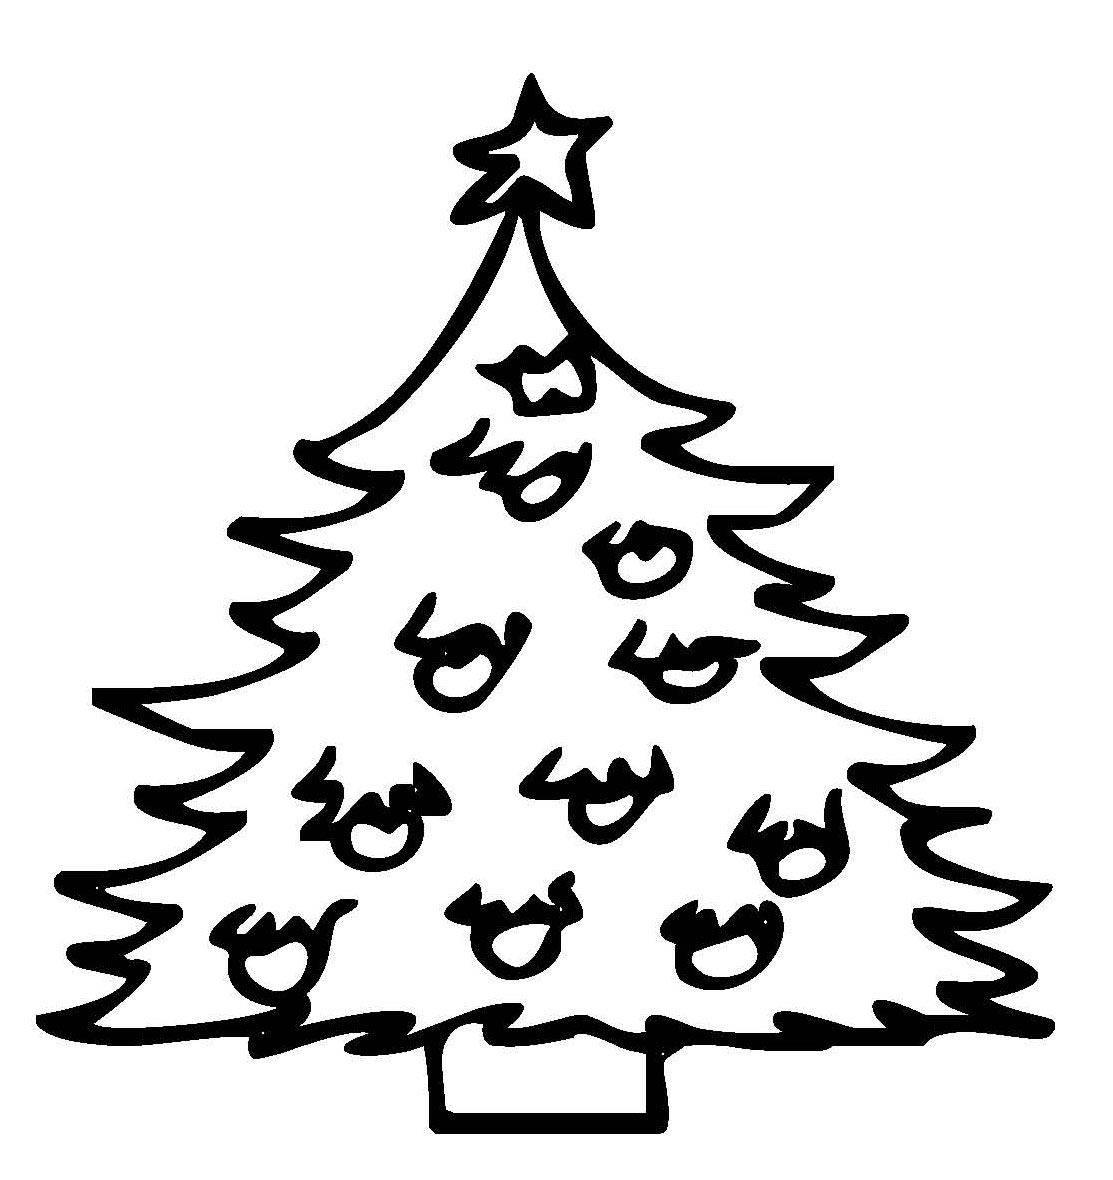 Kostenlose Ausmalbilder Und Malvorlagen: Weihnachtsbäume Zum innen Malvorlagen Tannenbaum